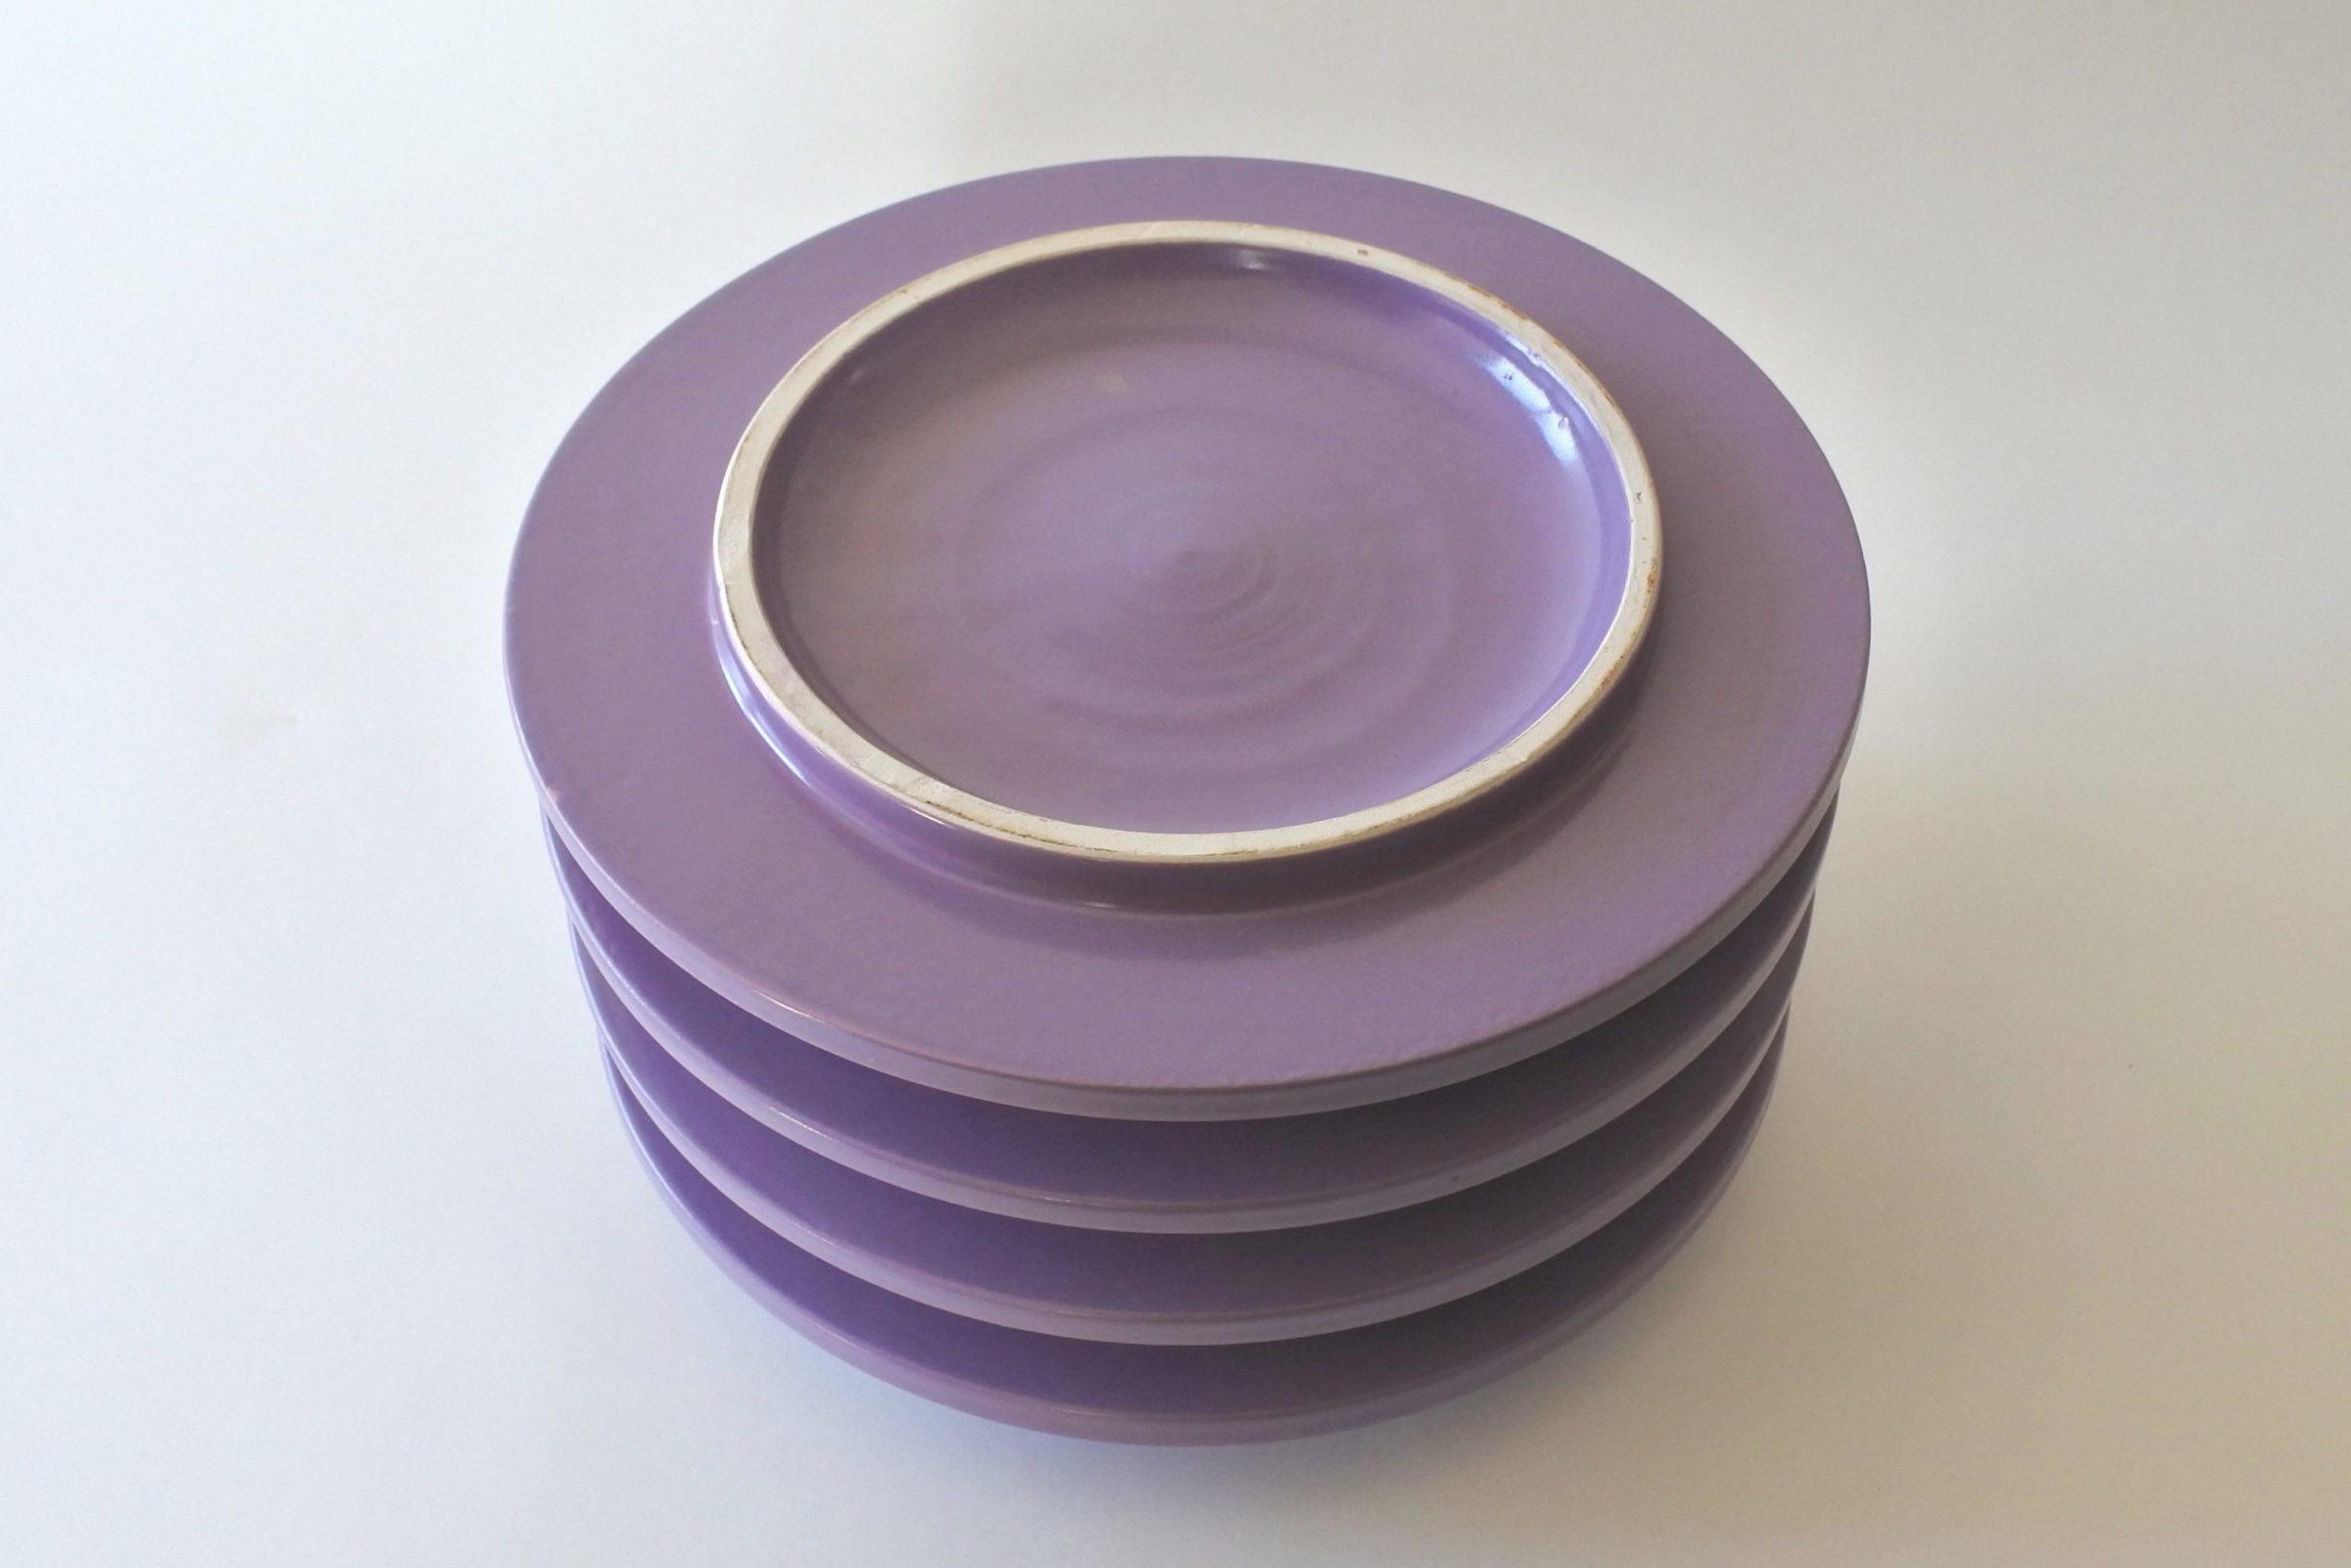 Vaso isolatore in ceramica viola - E. Sottsass per ceramiche Bitossi - 3